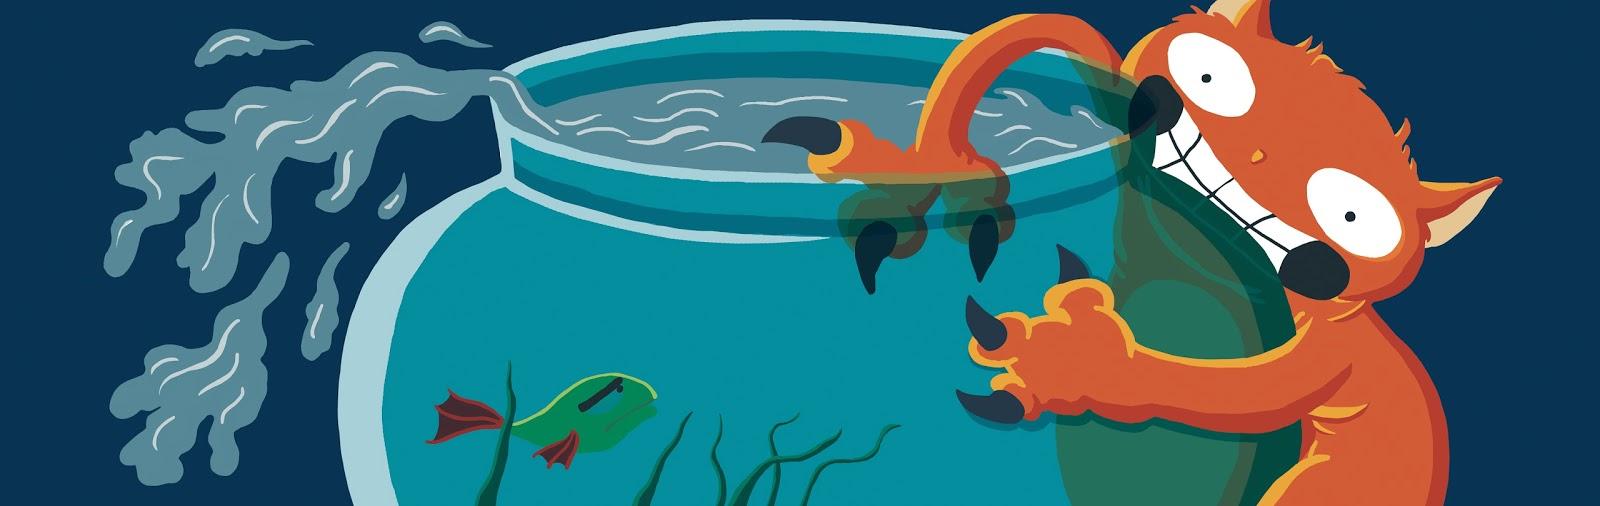 Cat & Fishbowl - Jen Haugan Animation & Illustration